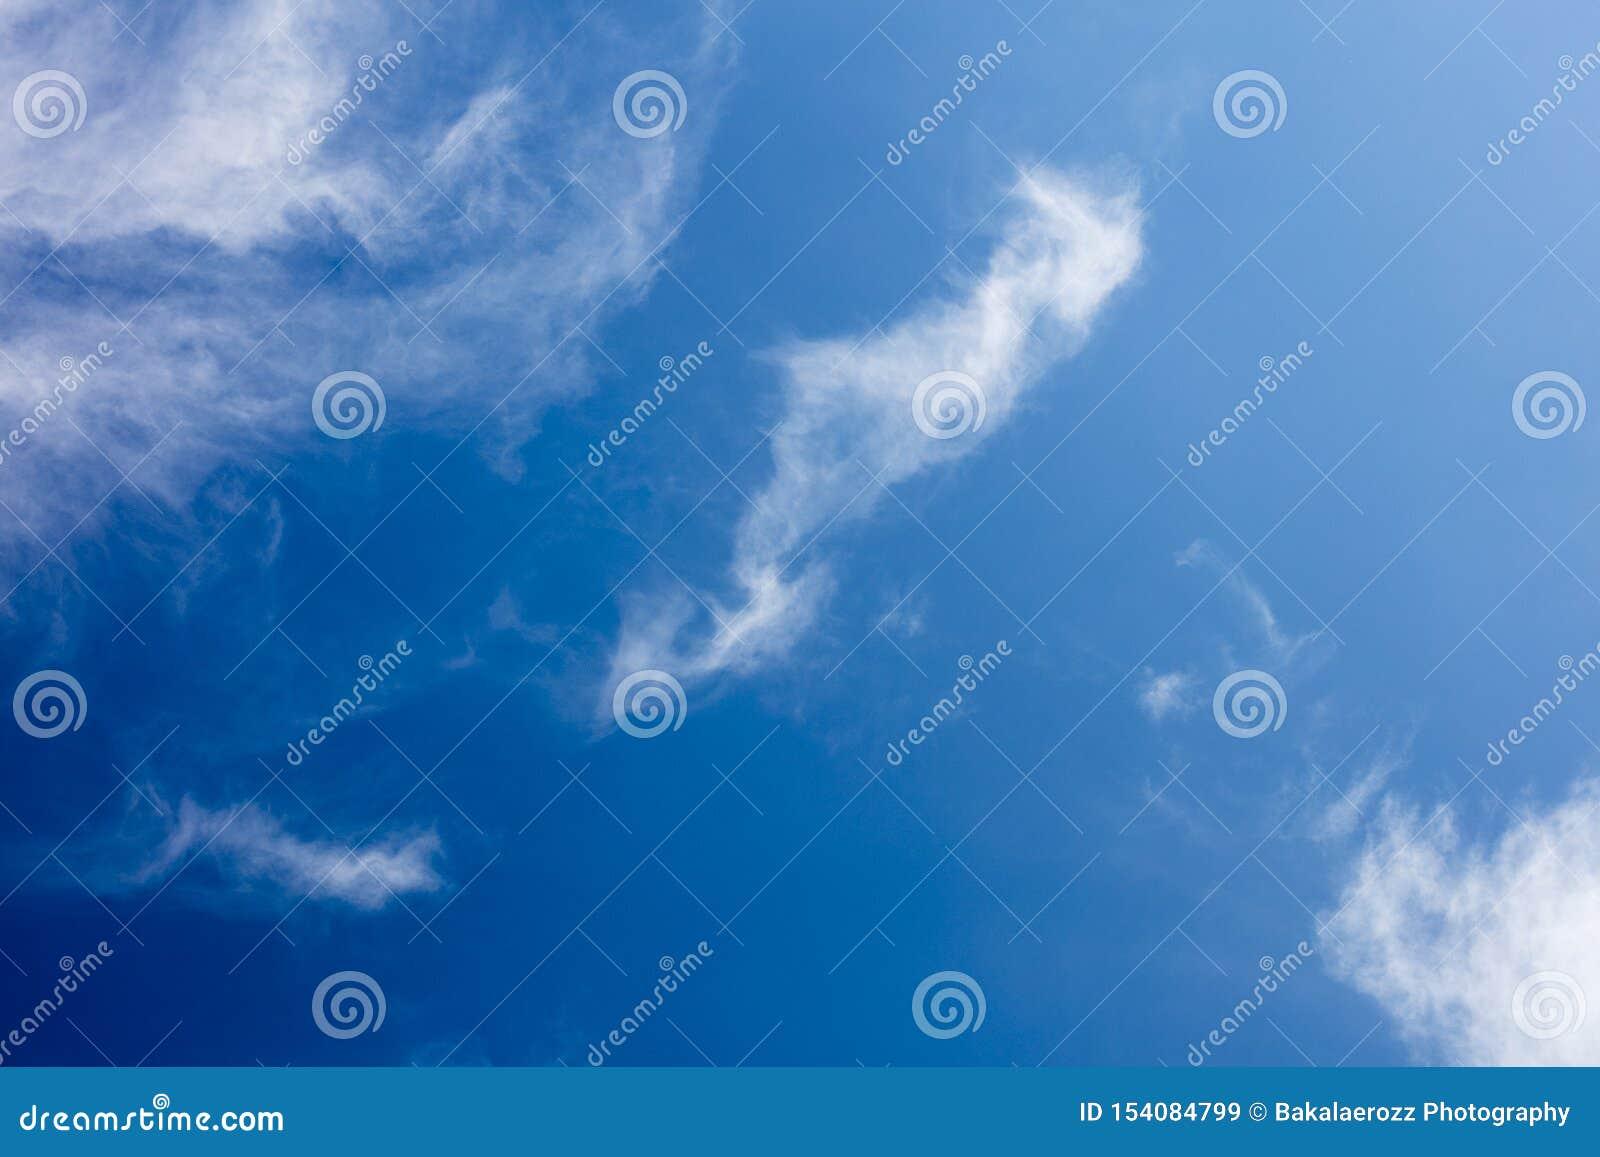 Μπλε ουρανός με τις Καλές Τέχνες υποβάθρου θερινής διάθεσης σύννεφων μέσα υψηλές - προϊόντα ποιοτικών τυπωμένων υλών πενήντα mega